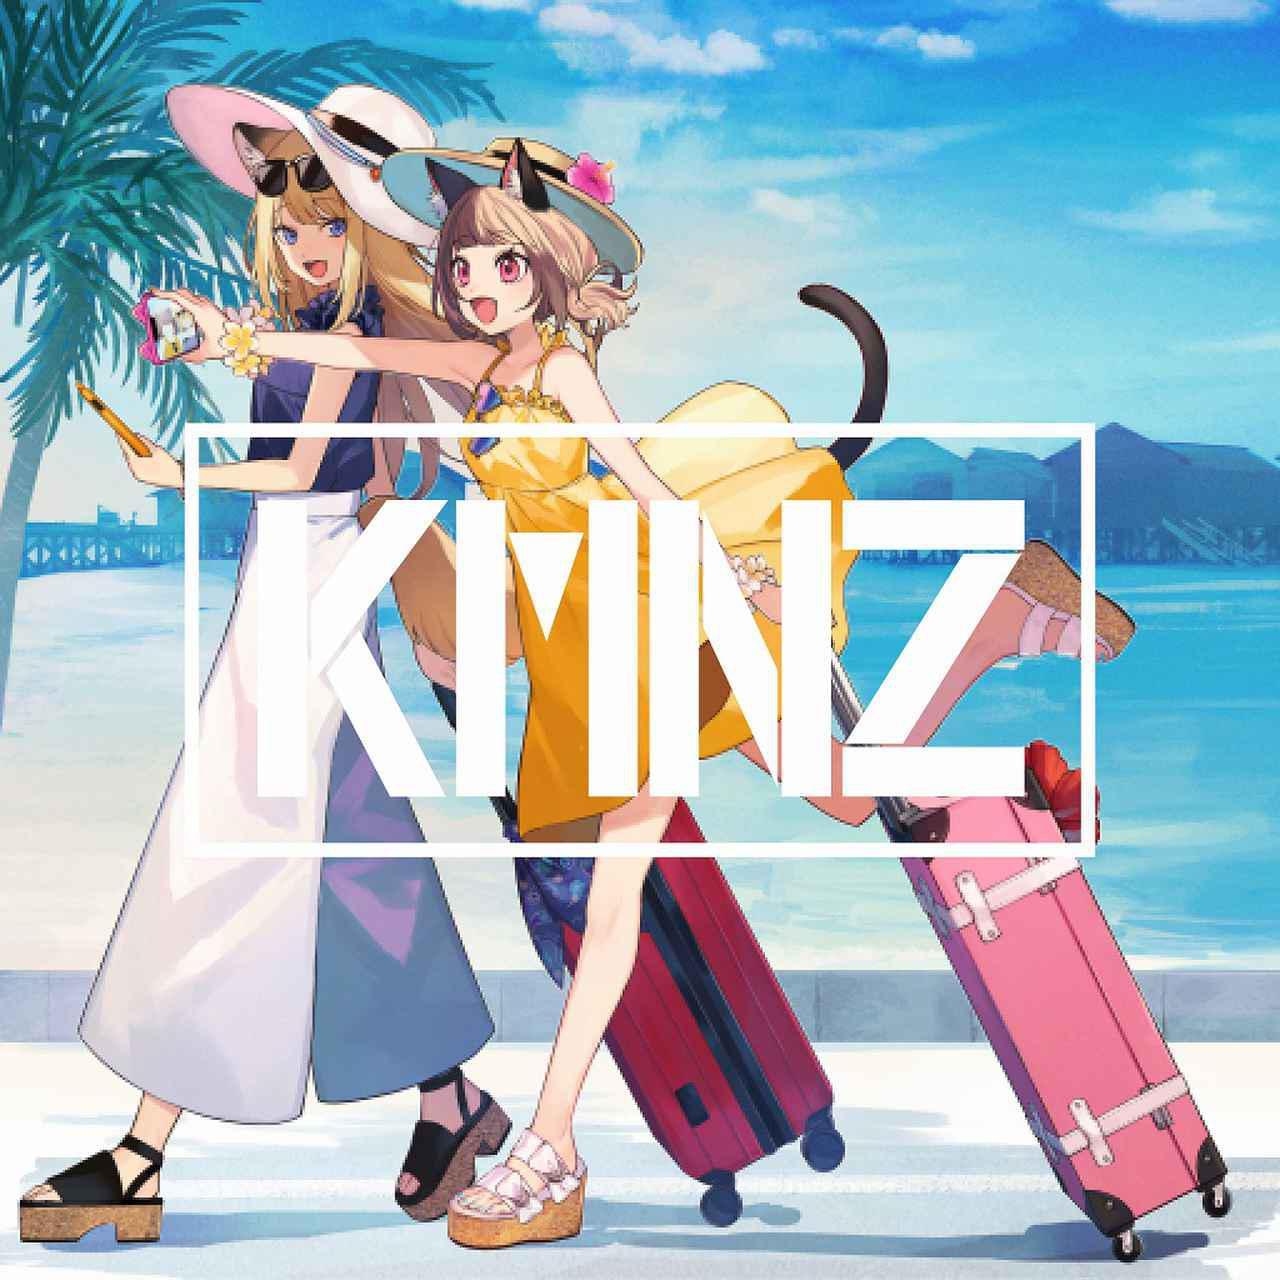 画像: KMNROUND / KMNZ